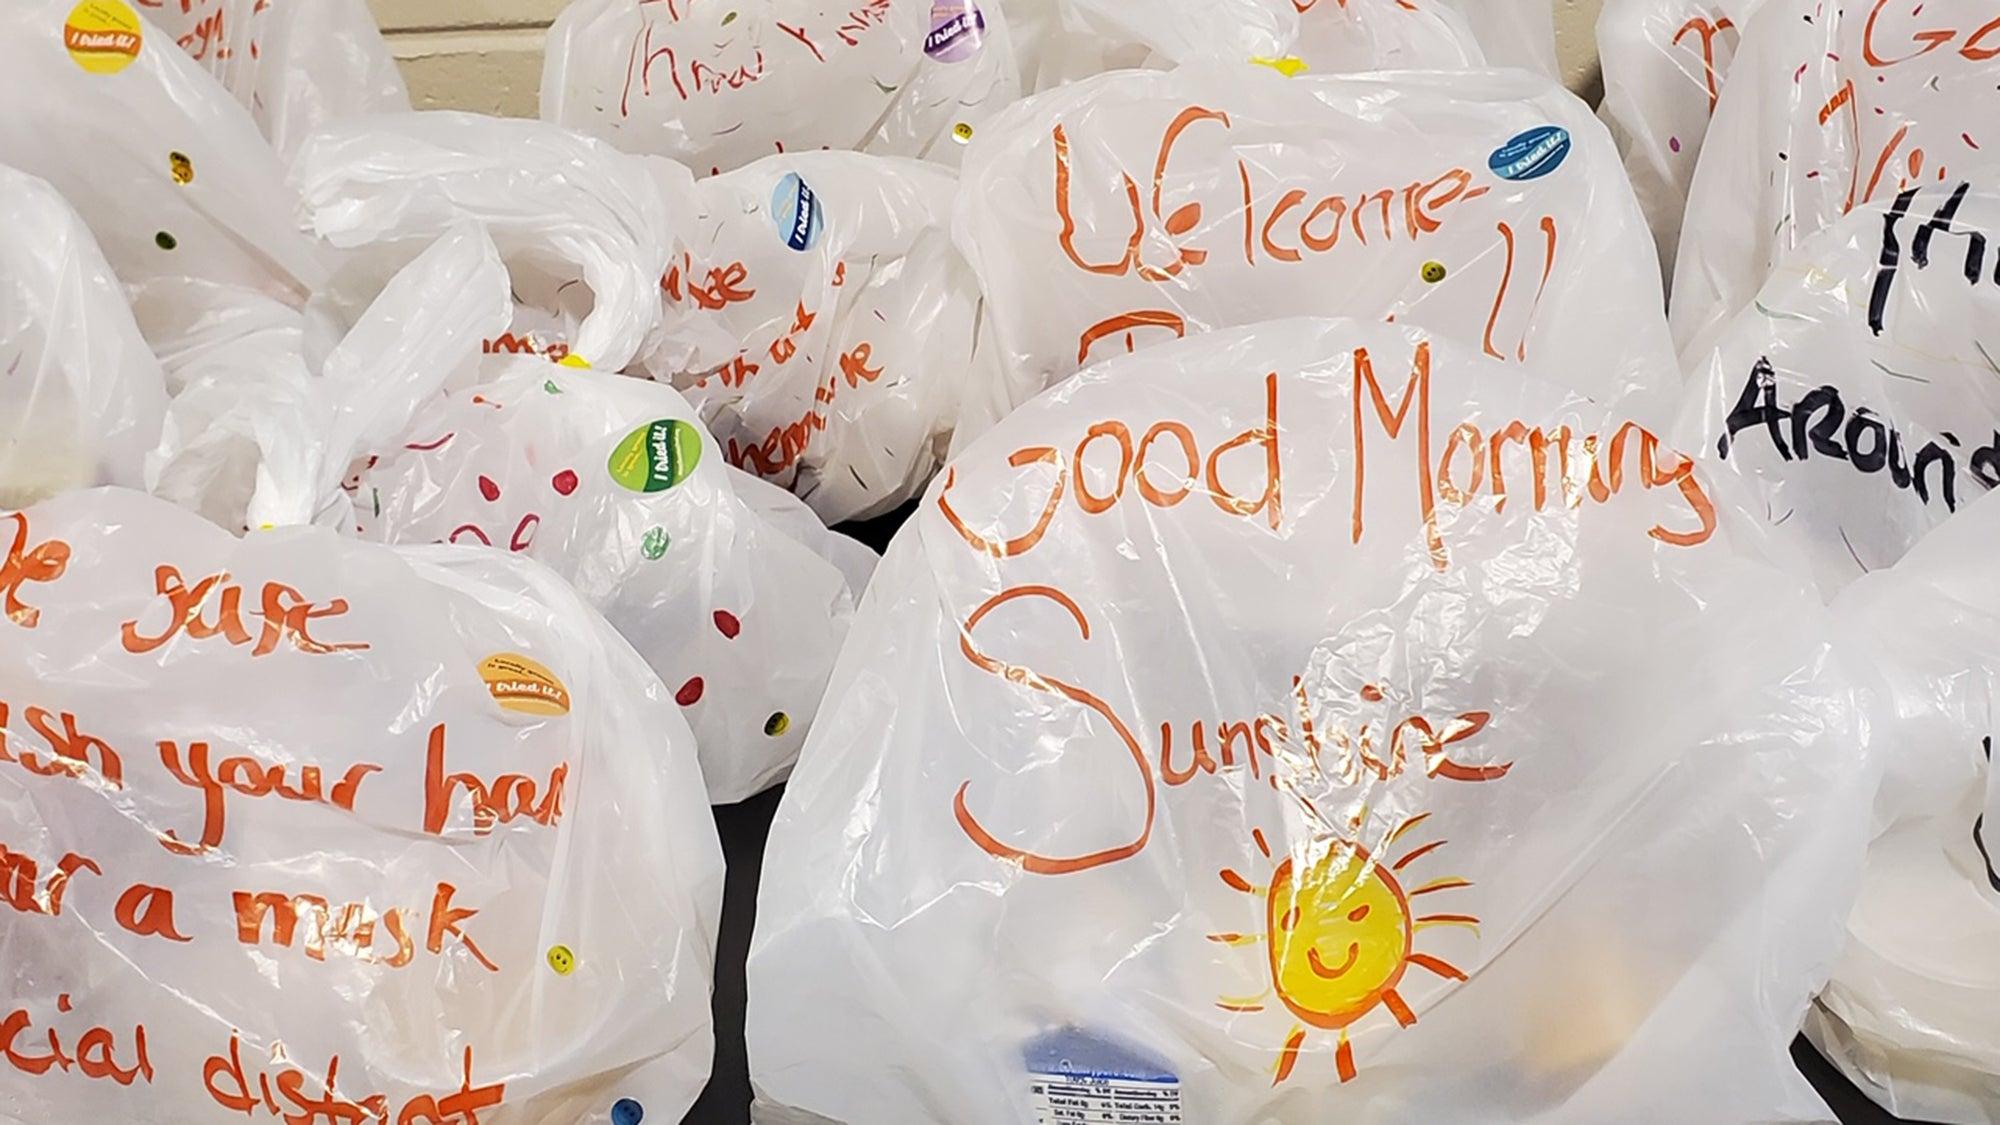 School meal bags